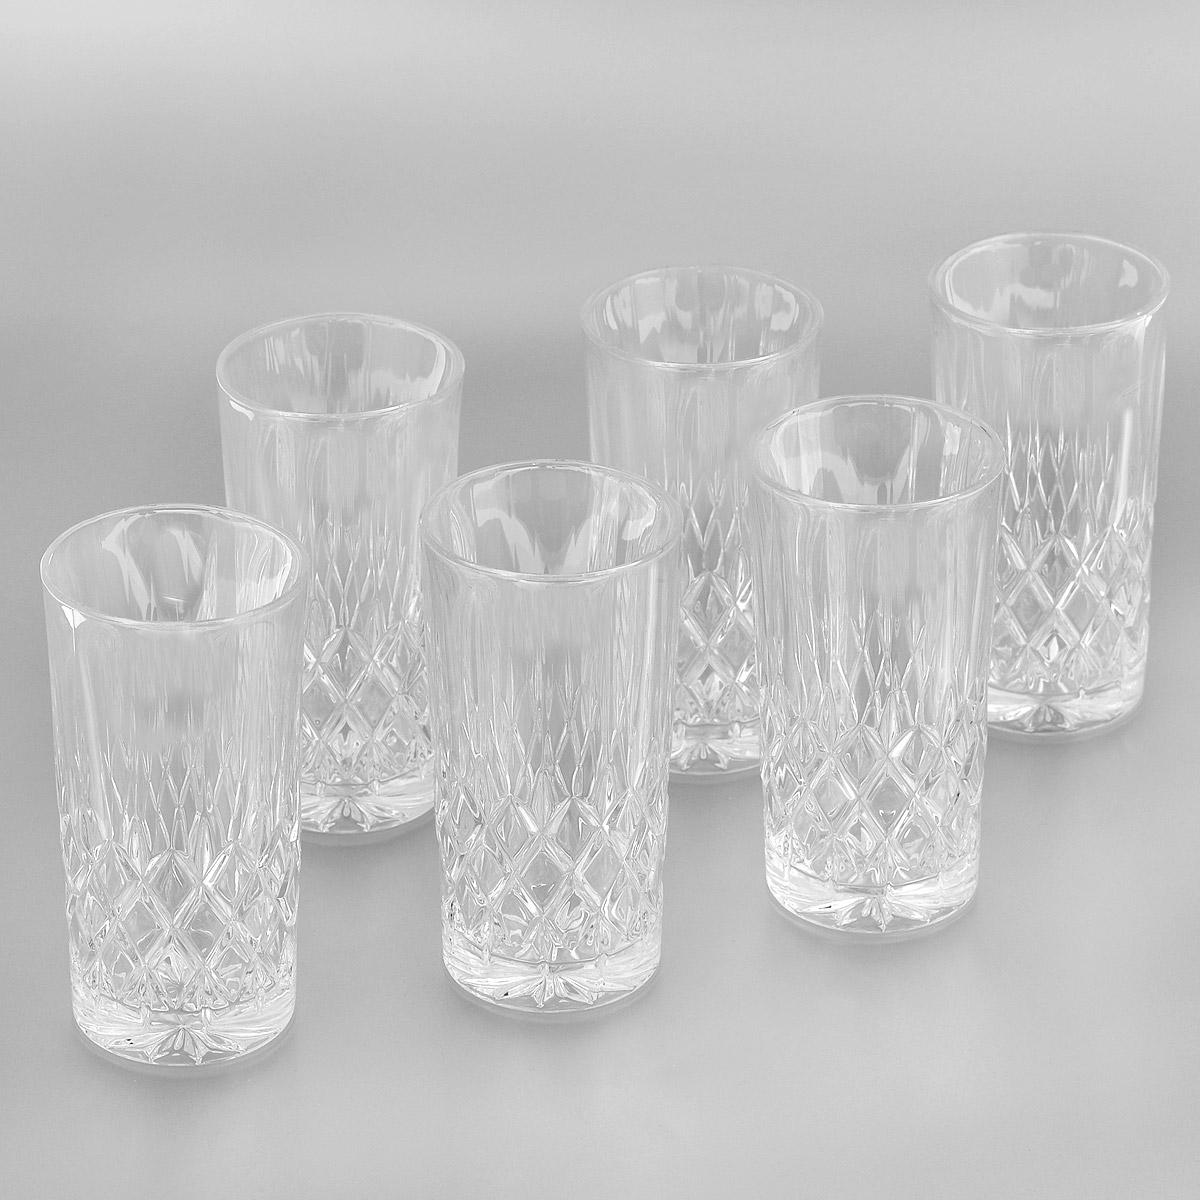 Набор стаканов для воды Crystal Bohemia, 320 мл, 6 штVT-1520(SR)Набор для воды Crystal Bohemia состоит из шести стаканов. Изделия выполнены из прочного высококачественного хрусталя и декорированы рельефом. Они излучают приятный блеск и издают мелодичный звон. Набор предназначен для подачи воды. Набор Crystal Bohemia прекрасно оформит интерьер кабинета или гостиной и станет отличным дополнением бара. Такой набор также станет хорошим подарком к любому случаю. Диаметр по верхнему краю: 7 см.Высота стакана: 14 см.Диаметр основания: 6 см.